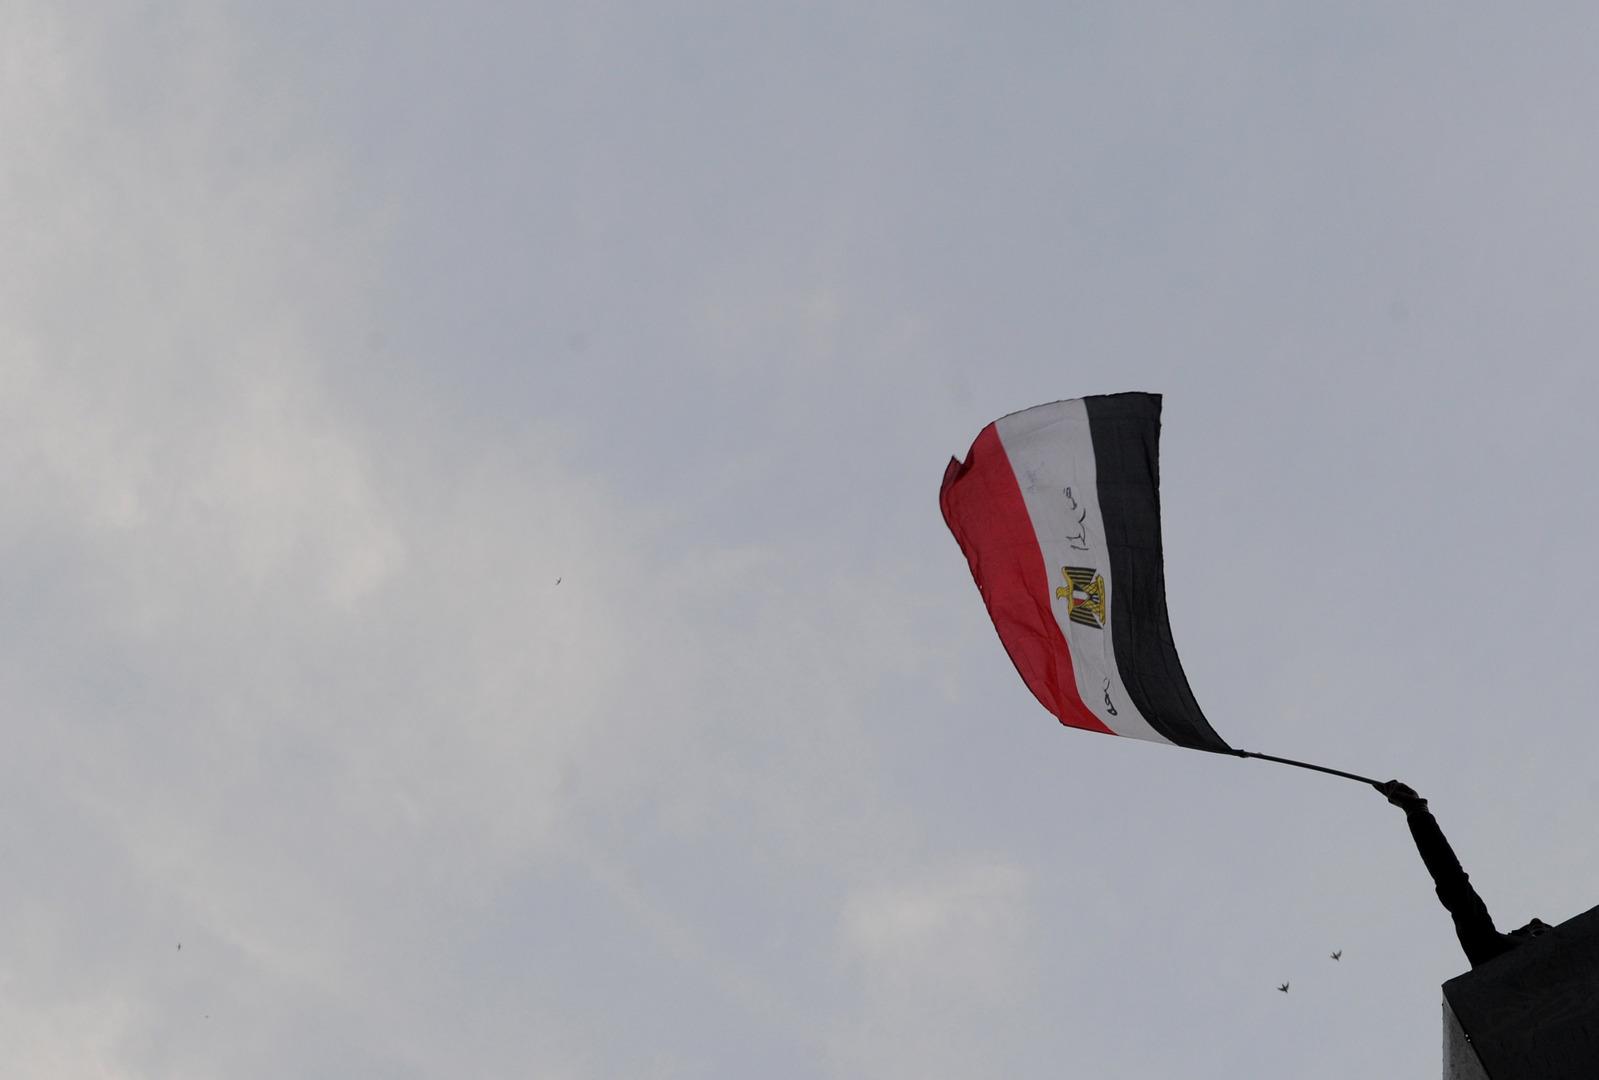 مصر تستلم 3 شهادت من موسوعة غينيس